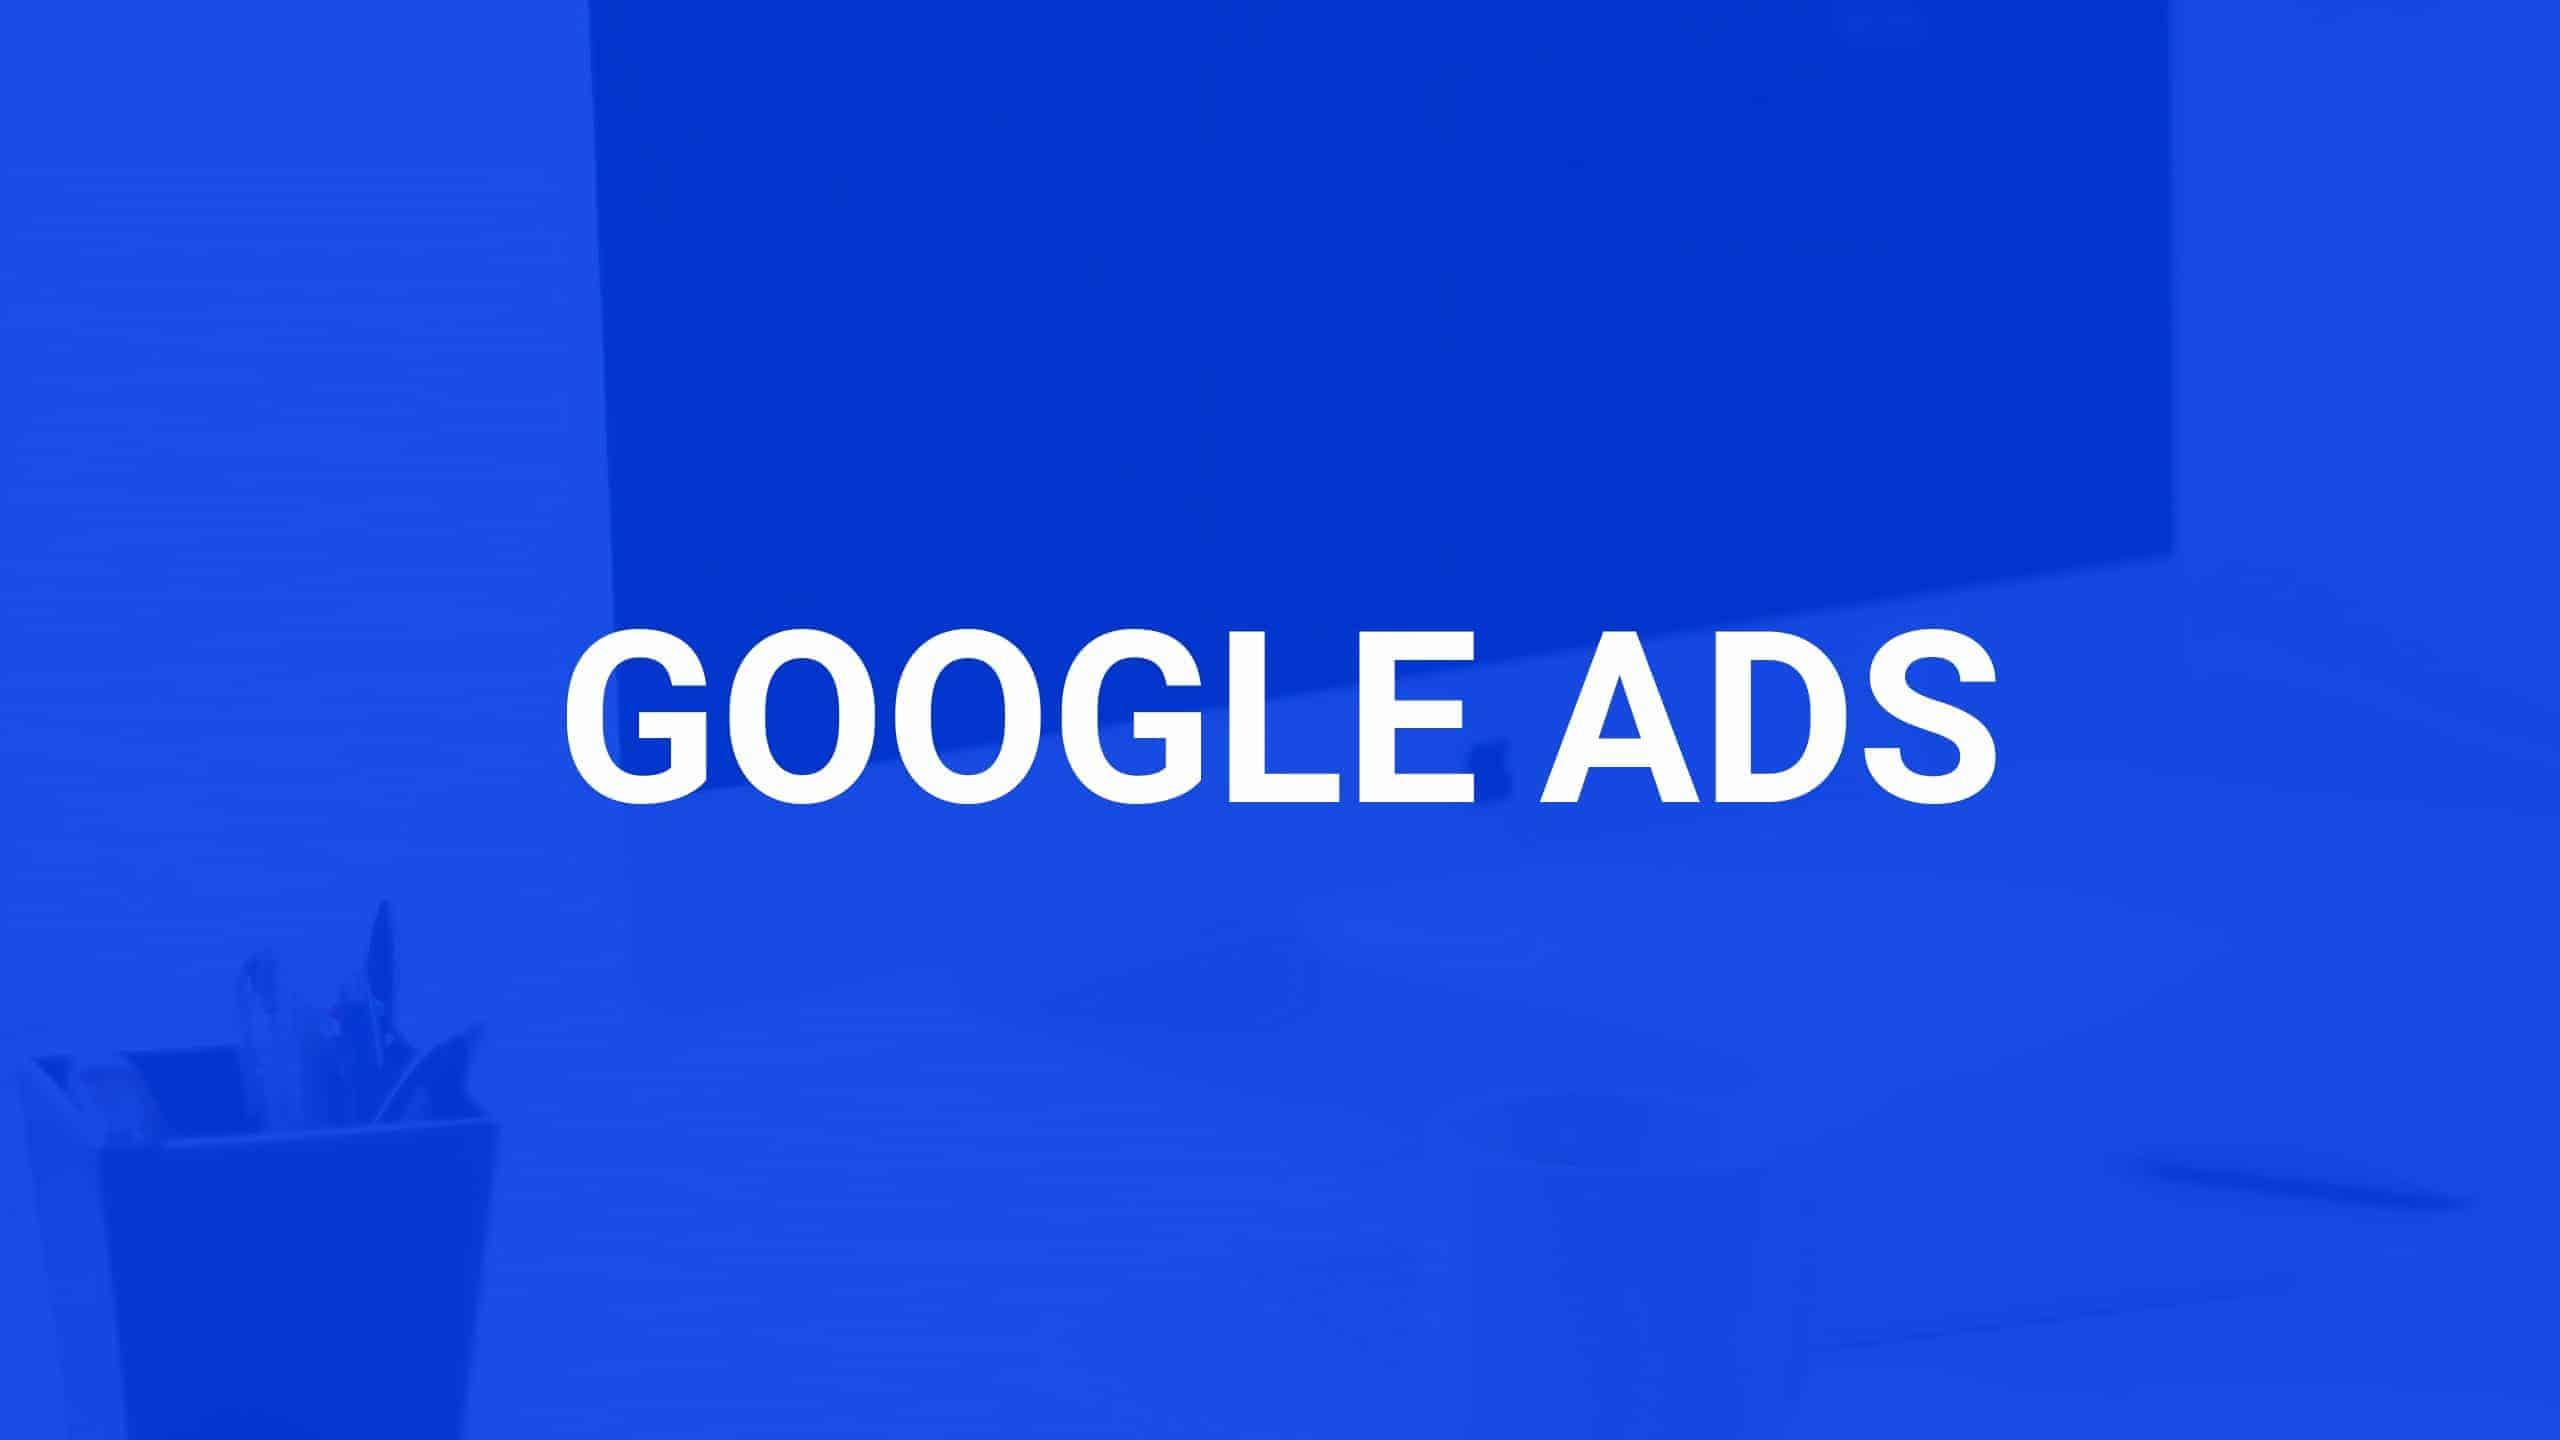 Google blokuje reklamy - Dlaczego i jakie? 3